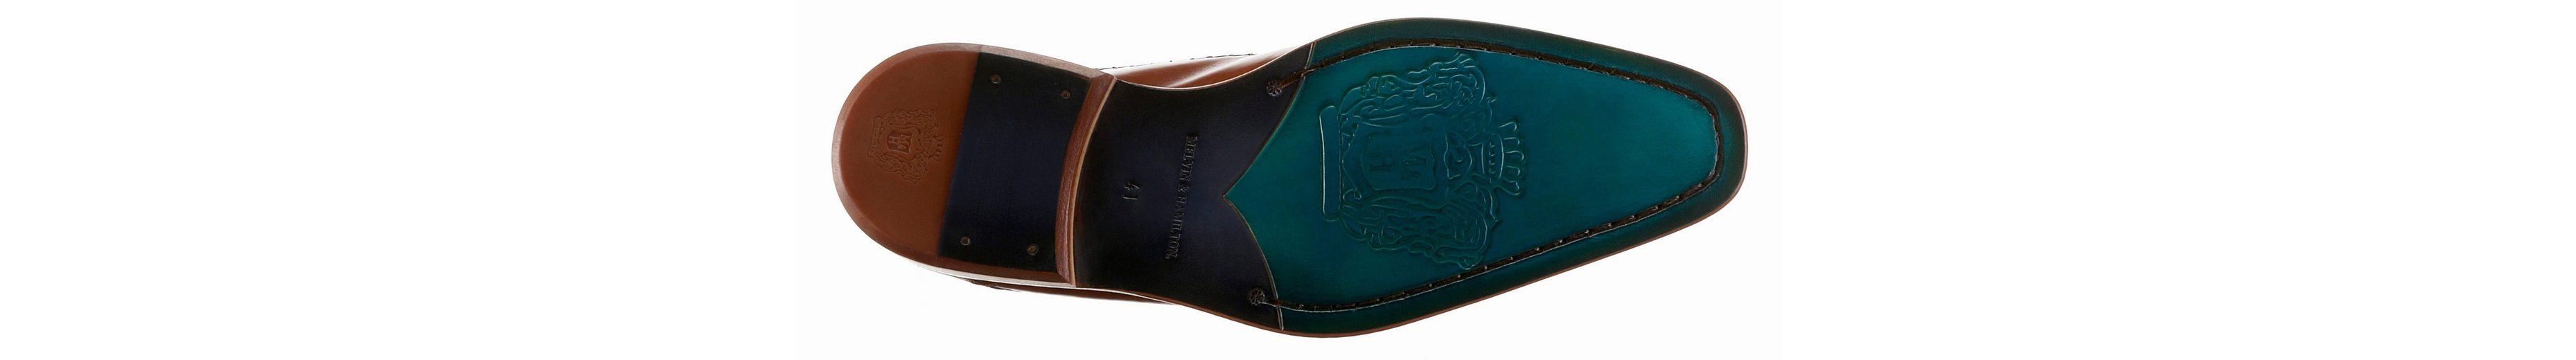 Melvin & Hamilton Clark 18 Schnürschuh, mit stylischem Lasercut auf dem Blatt